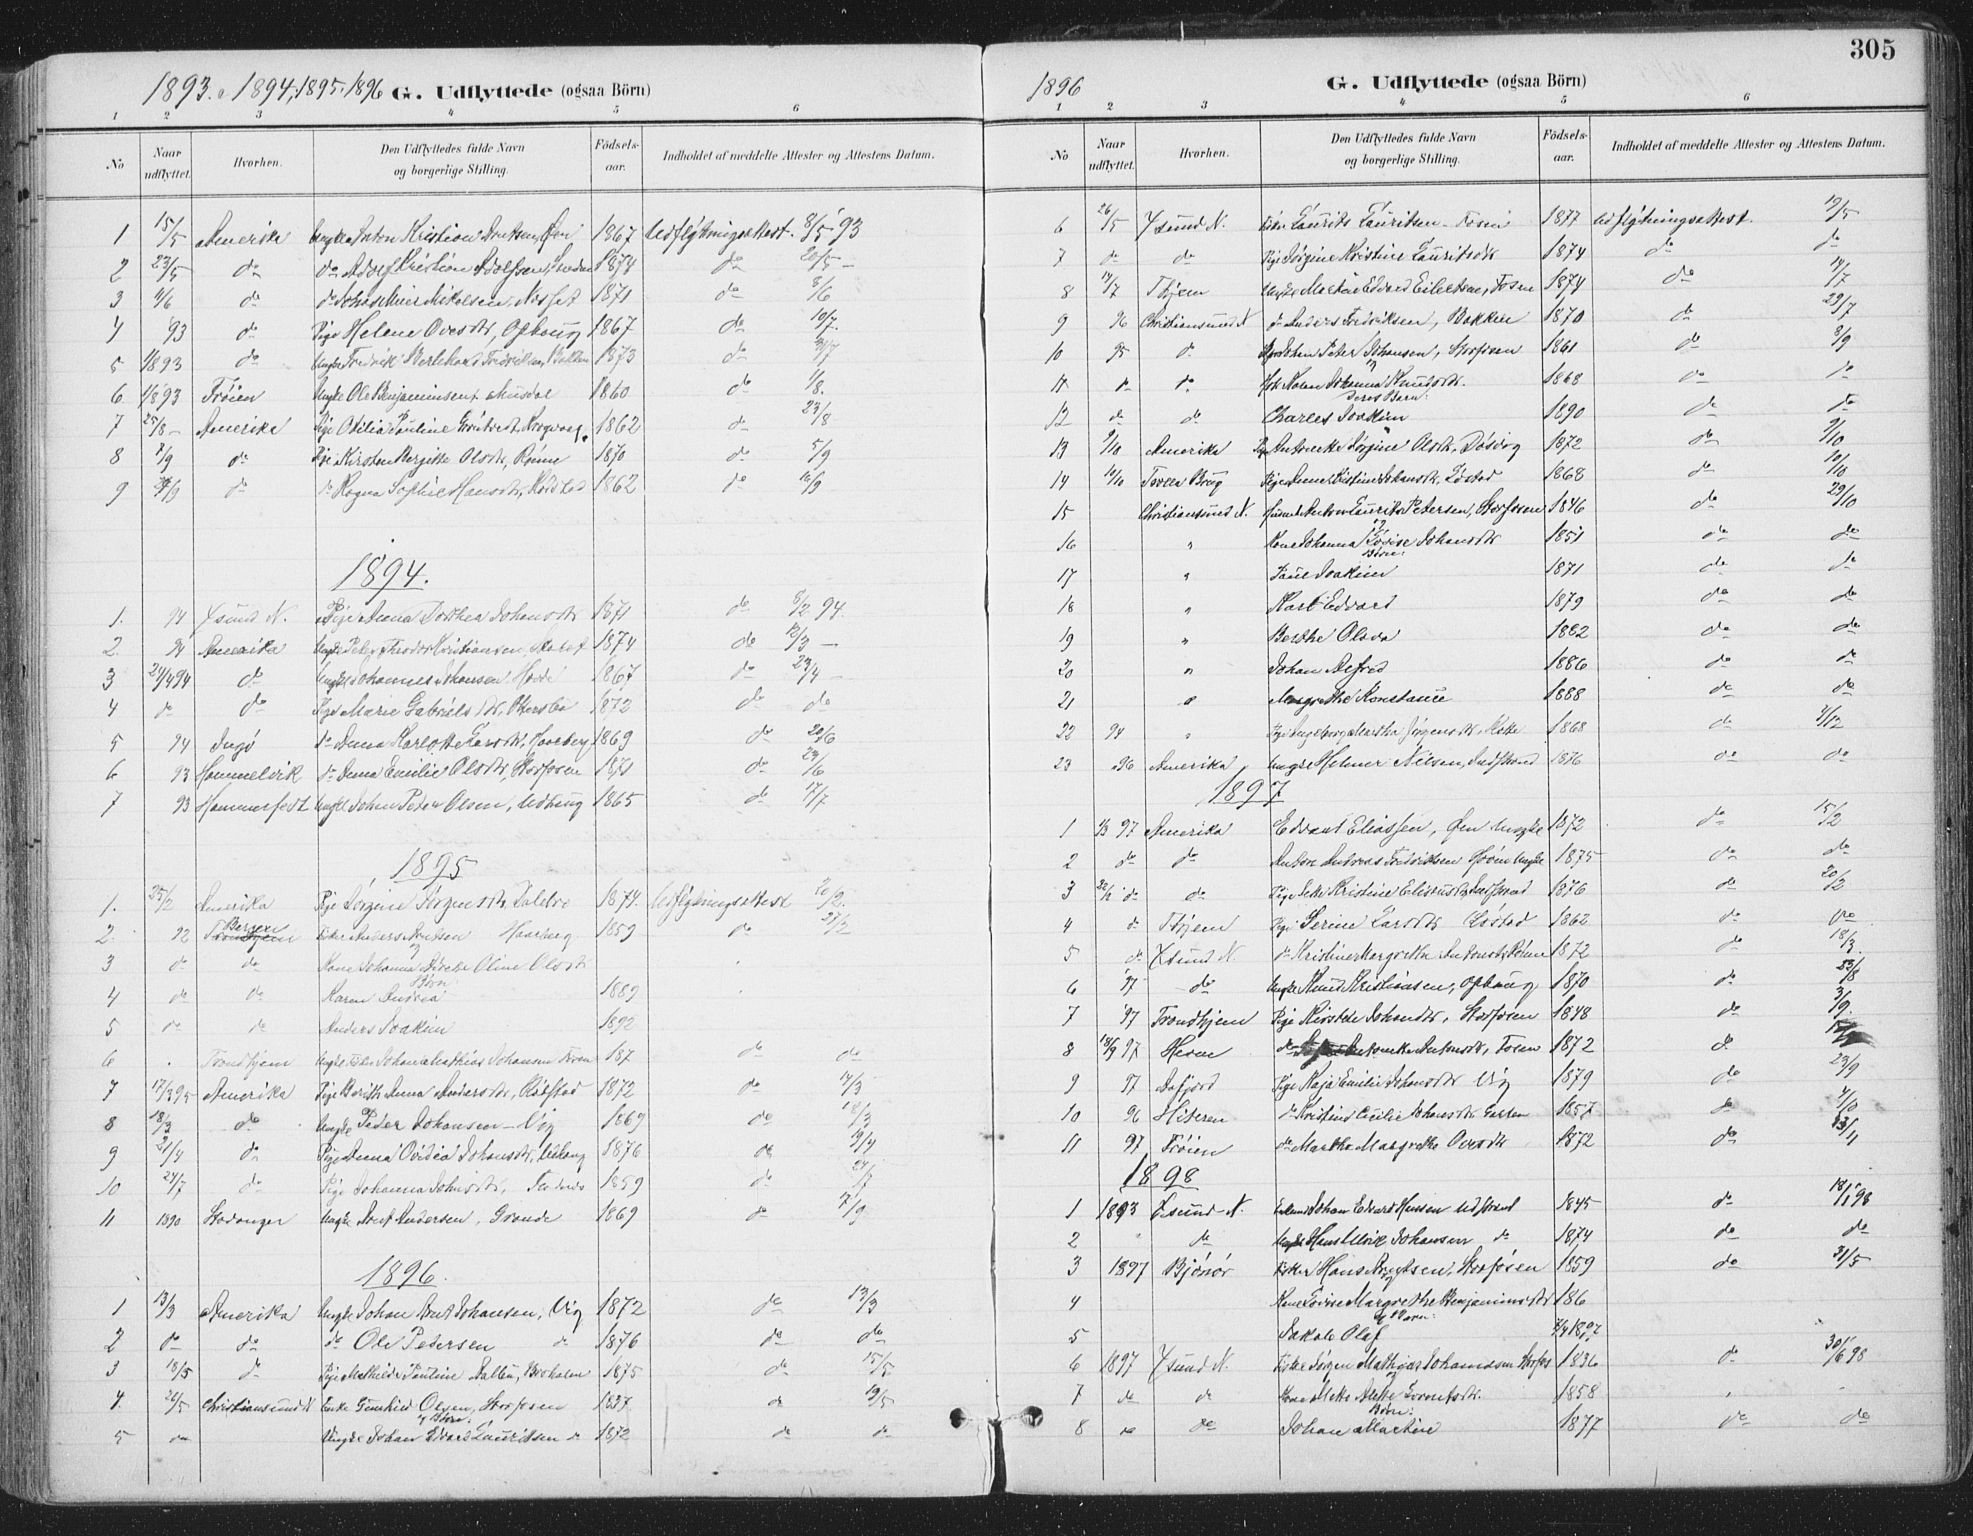 SAT, Ministerialprotokoller, klokkerbøker og fødselsregistre - Sør-Trøndelag, 659/L0743: Ministerialbok nr. 659A13, 1893-1910, s. 305